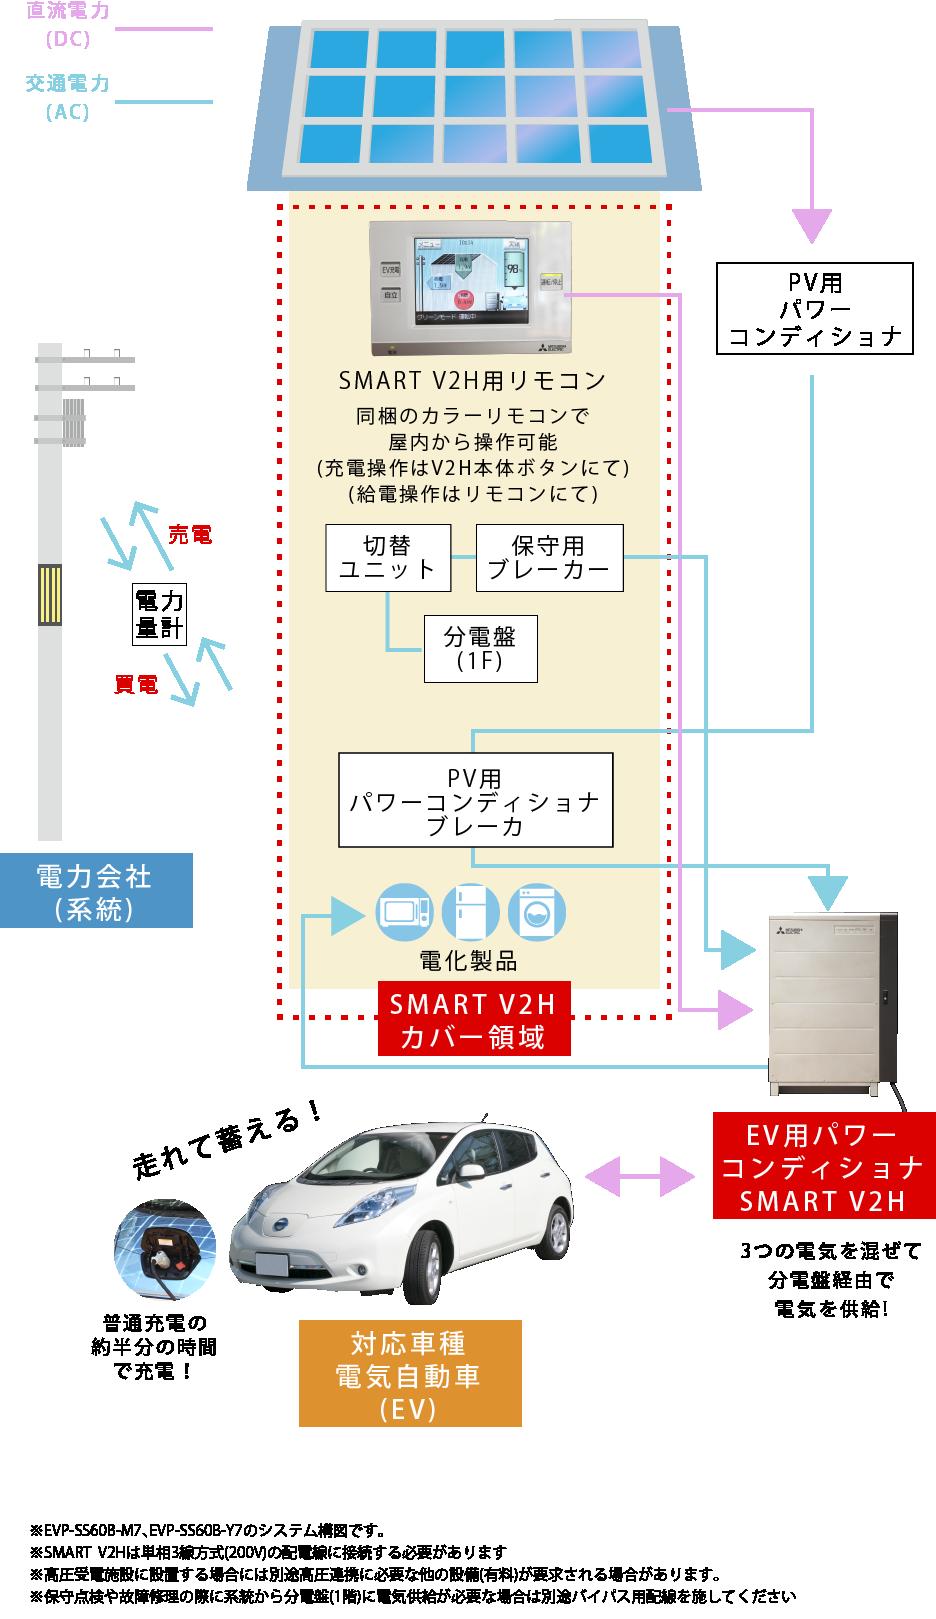 スマートV2Hの詳細説明図